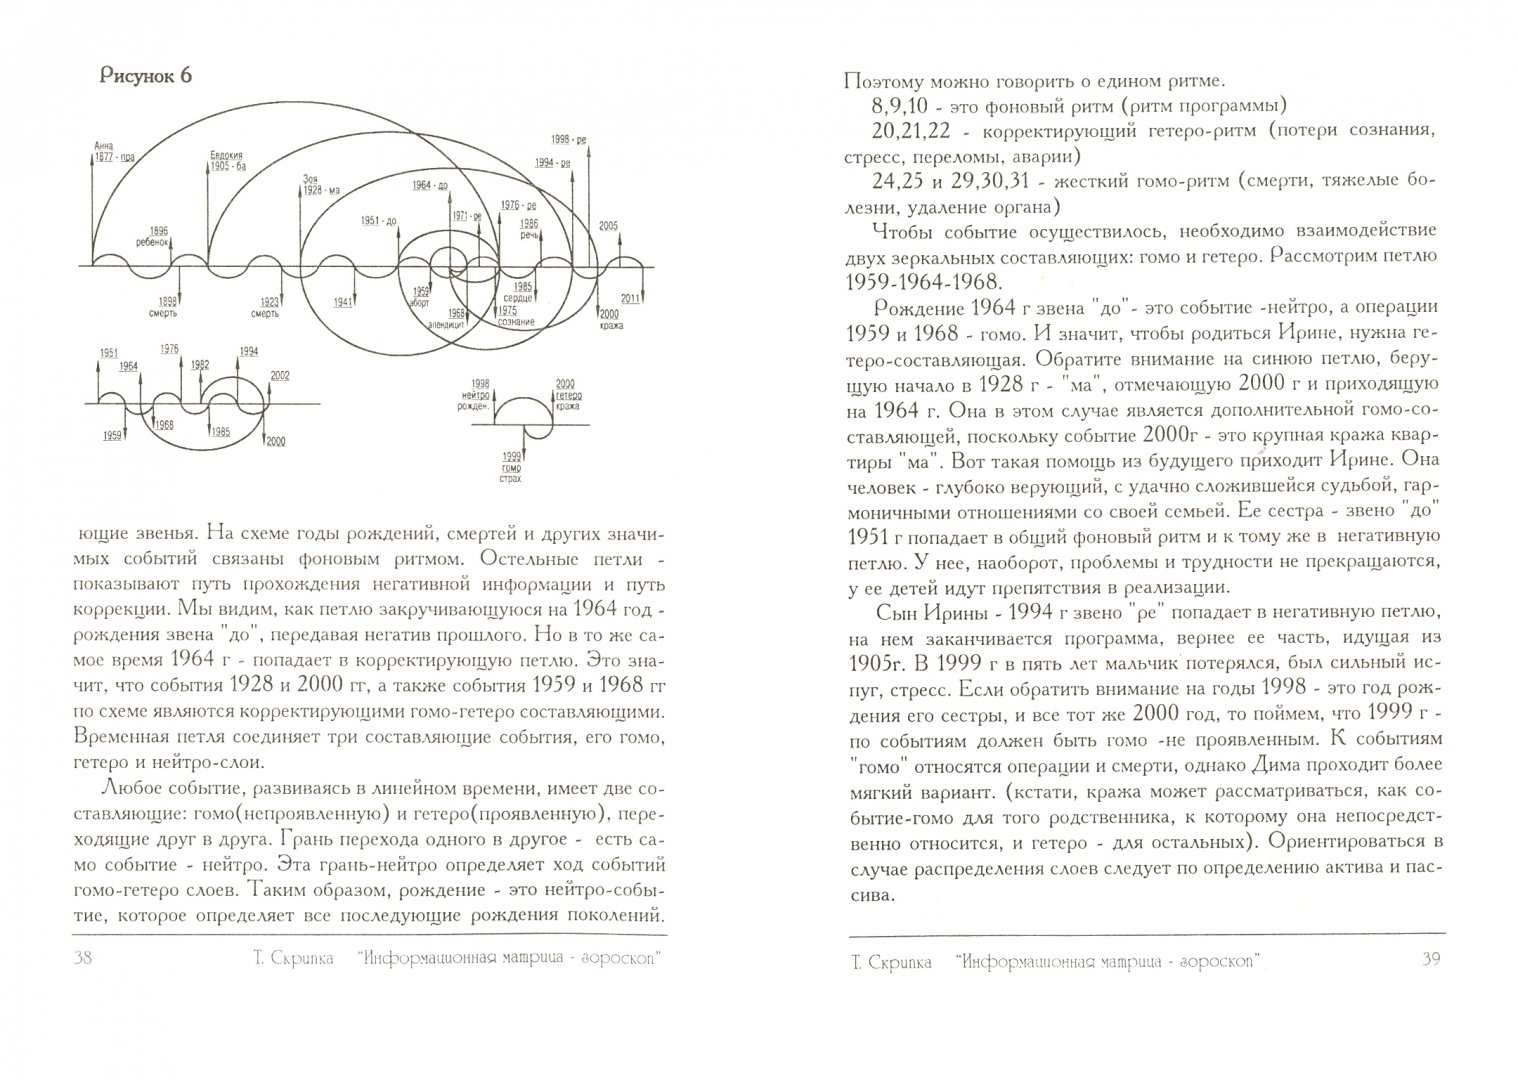 Иллюстрация 1 из 18 для Информационная матрица - гороскоп - Татьяна Скрипка | Лабиринт - книги. Источник: Лабиринт